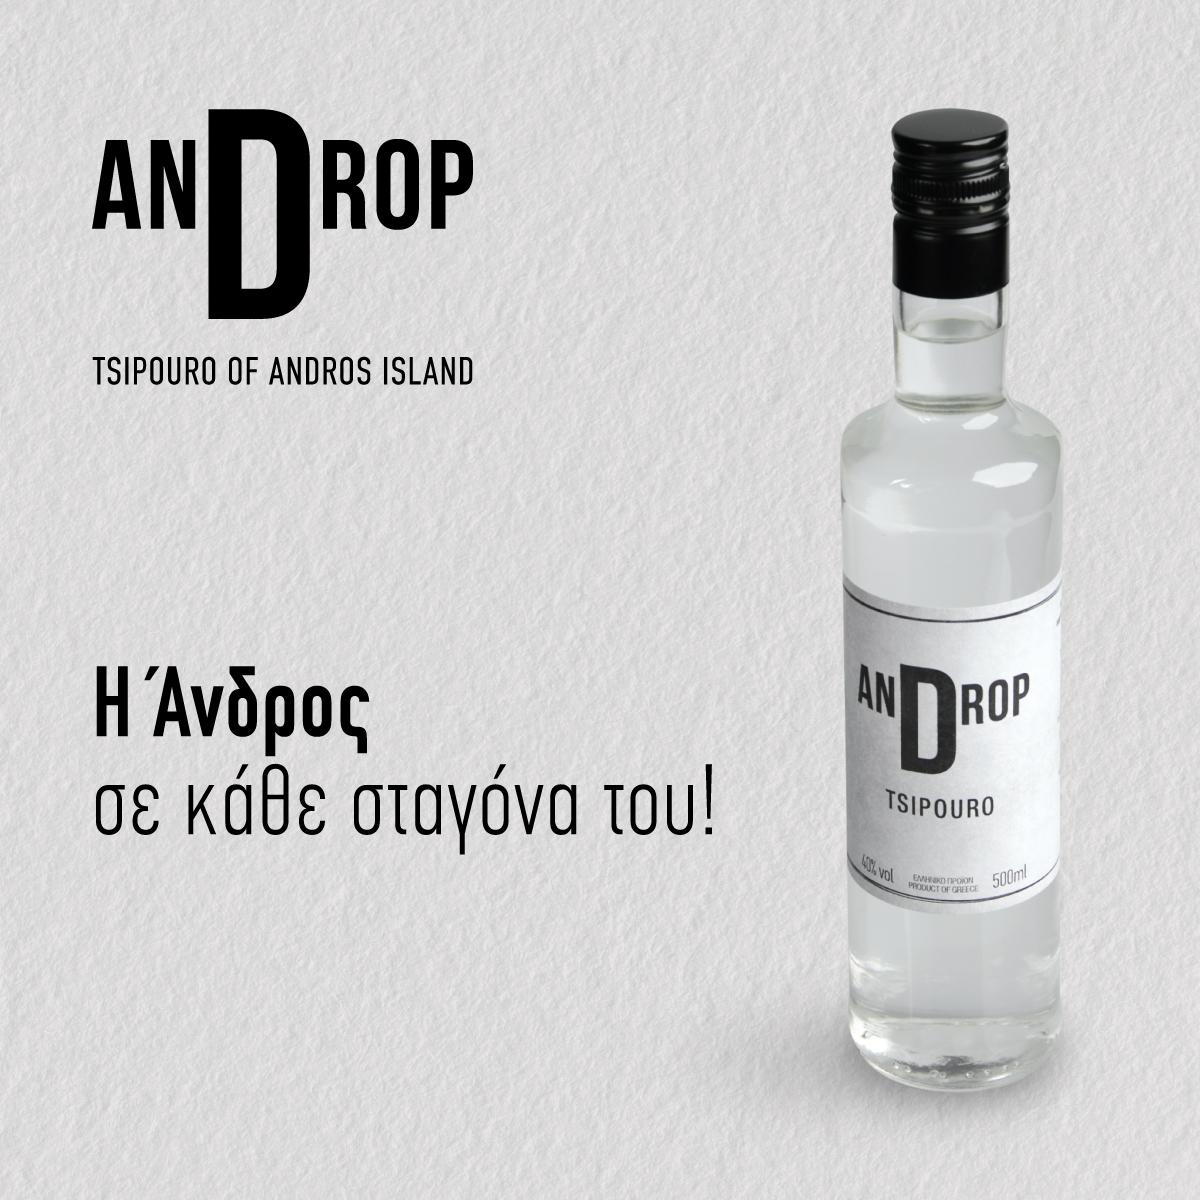 A3-DESIGN-ANDROP